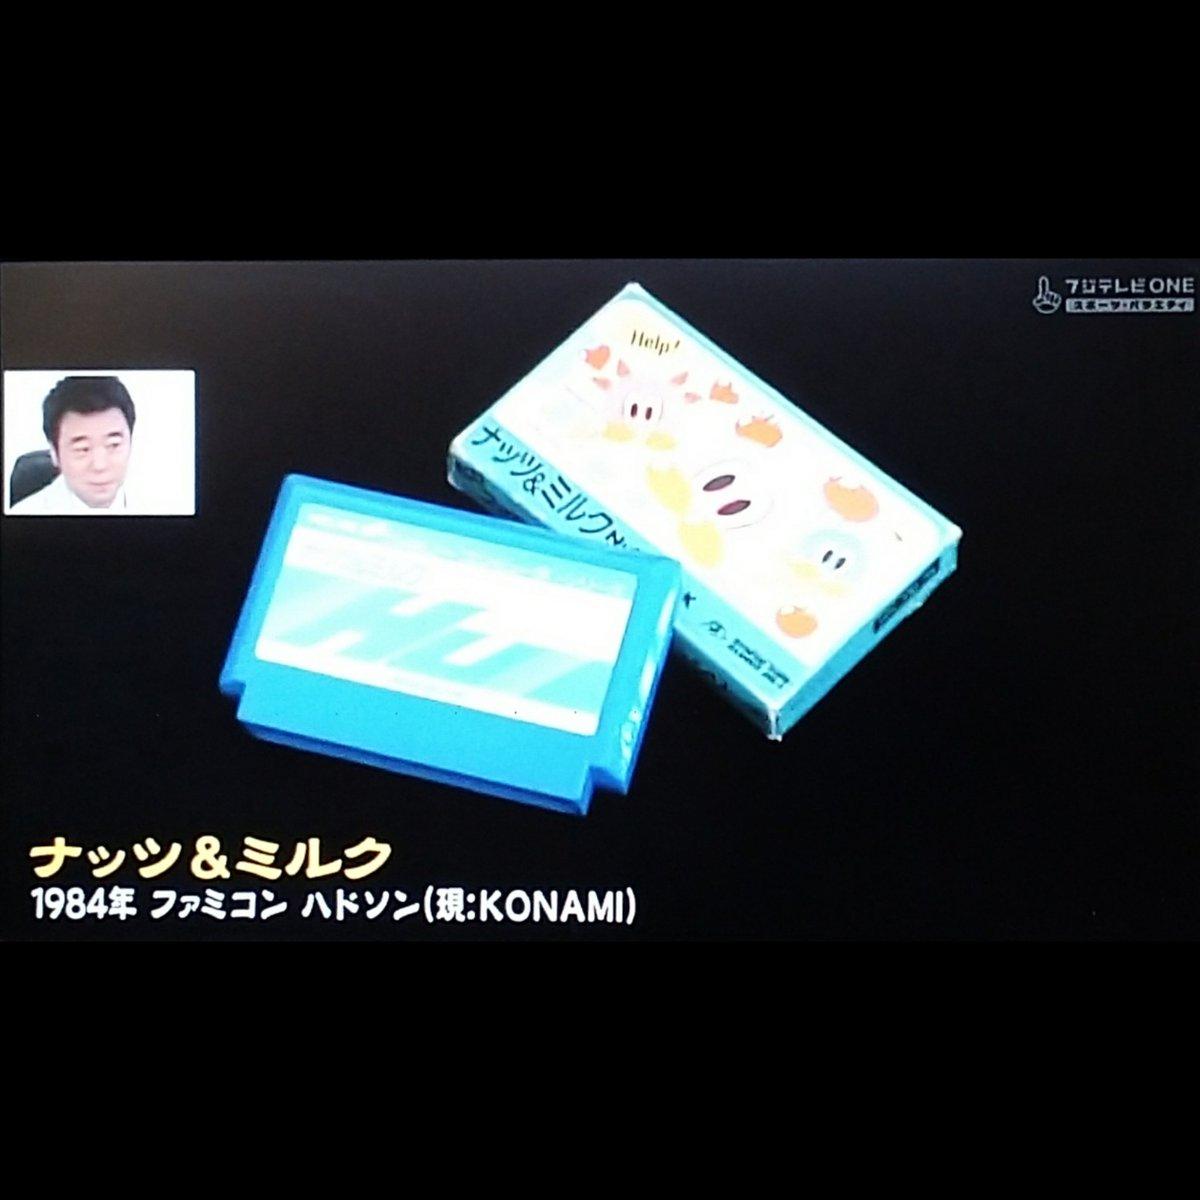 ゲームセンターcx 300分生放送